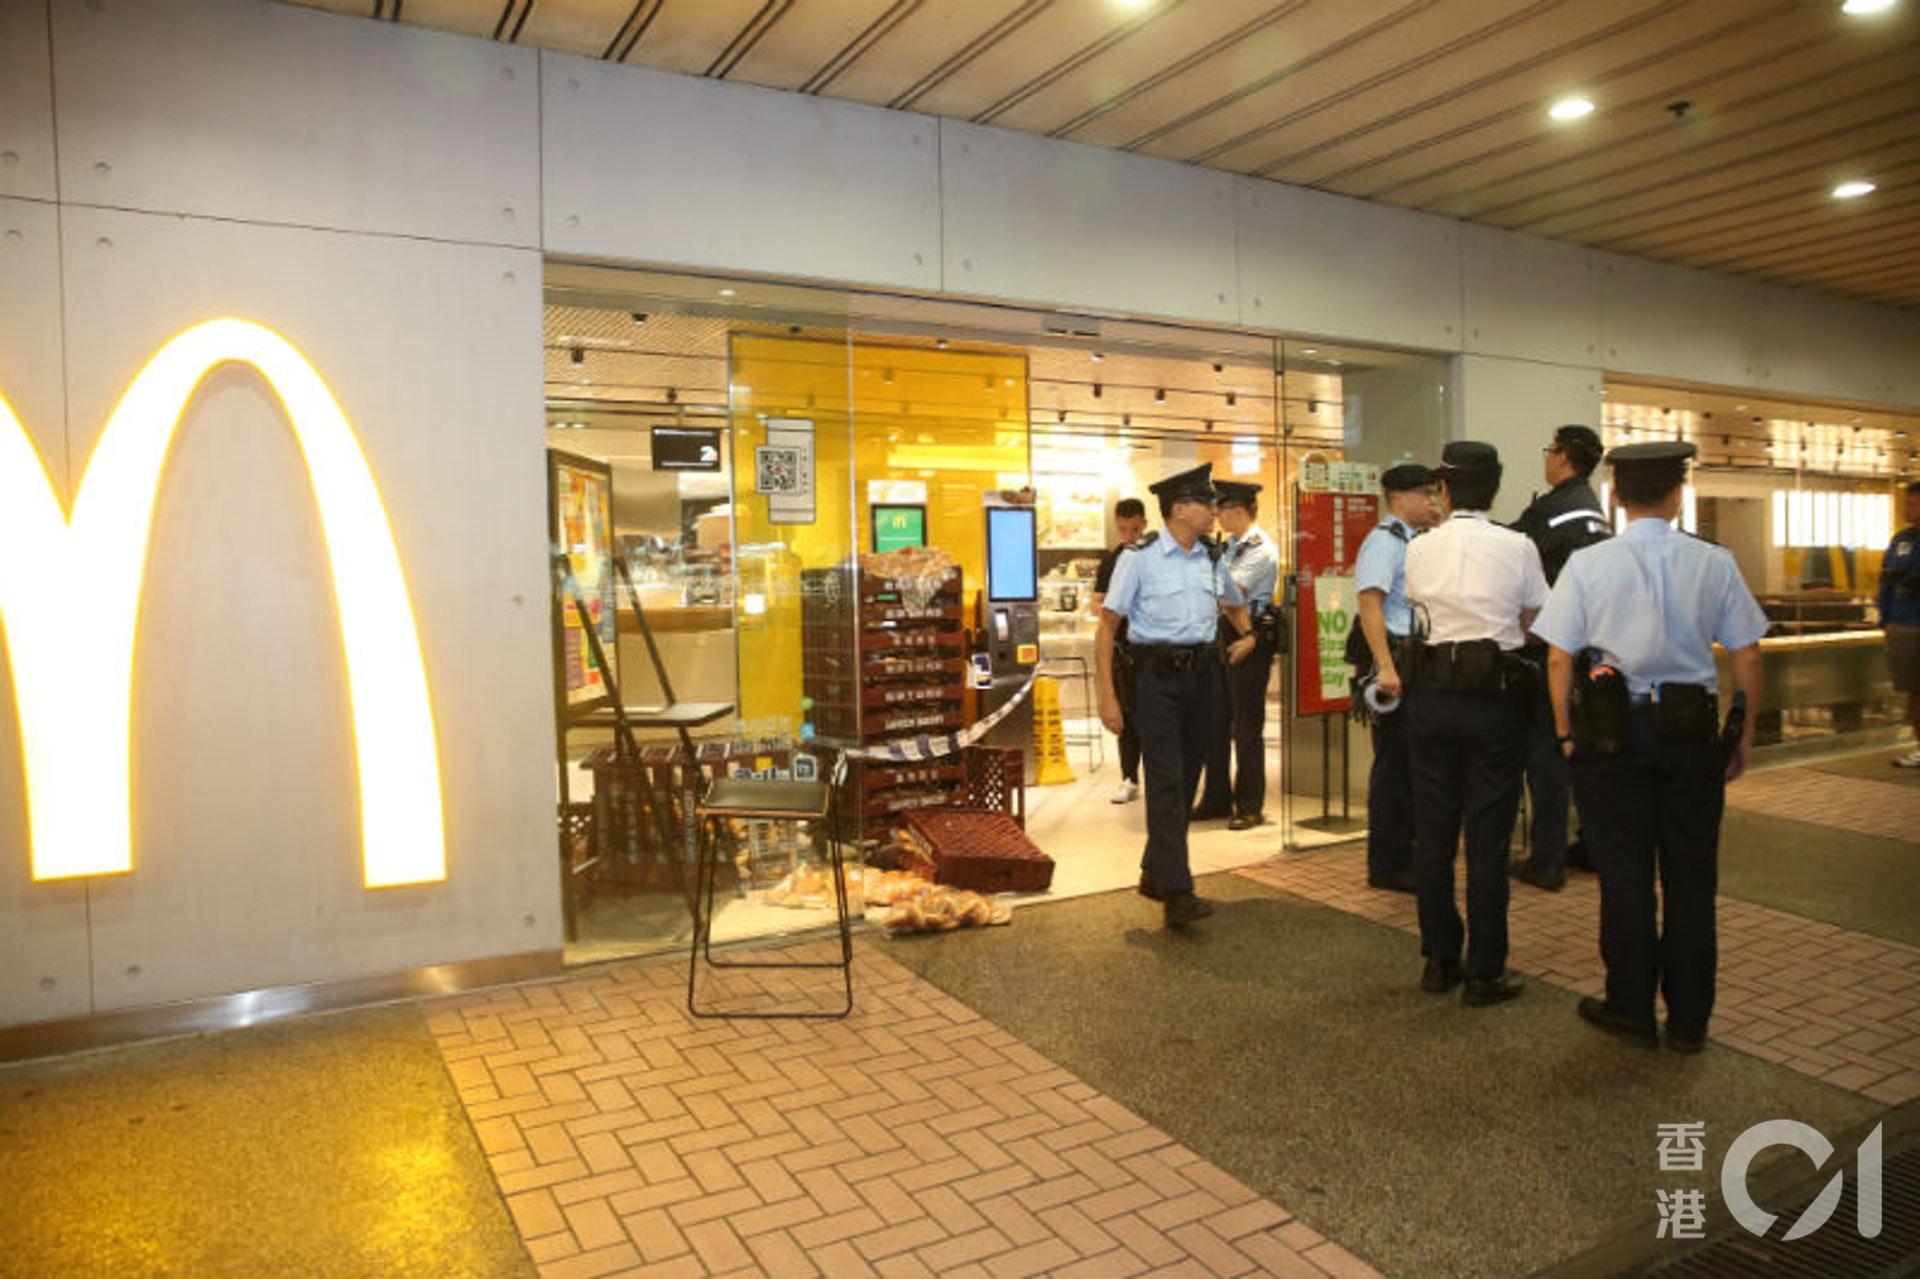 大批警員封鎖現場調查。(陳永武攝)